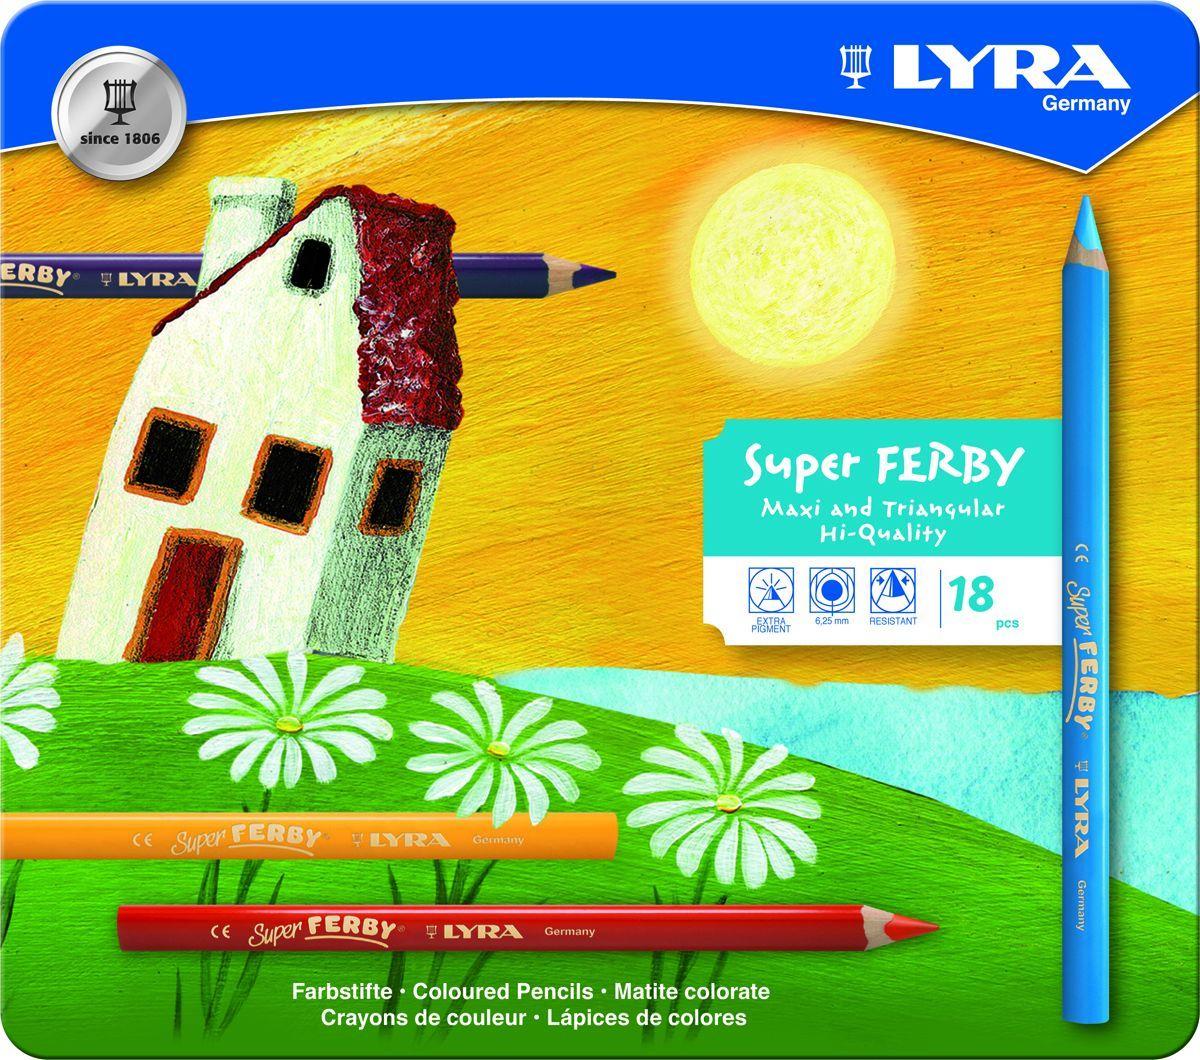 Lyra Набор цветных карандашей Super Ferby 18 шт2010440Набор Lyra Super Ferby включает 18 цветных карандашей. Карандаши имеют эргономичную округло-треугольную форму. Набор включает в себя 12 ярких цветных карандашей.Карандаши изготовлены из натурального сертифицированного дерева, экологически чистые. Имеют ударопрочный неломающийся высокопигментный грифель, не требующий сильного нажатия.Диаметр грифеля 6,25 мм, длина карандаша 175 мм.